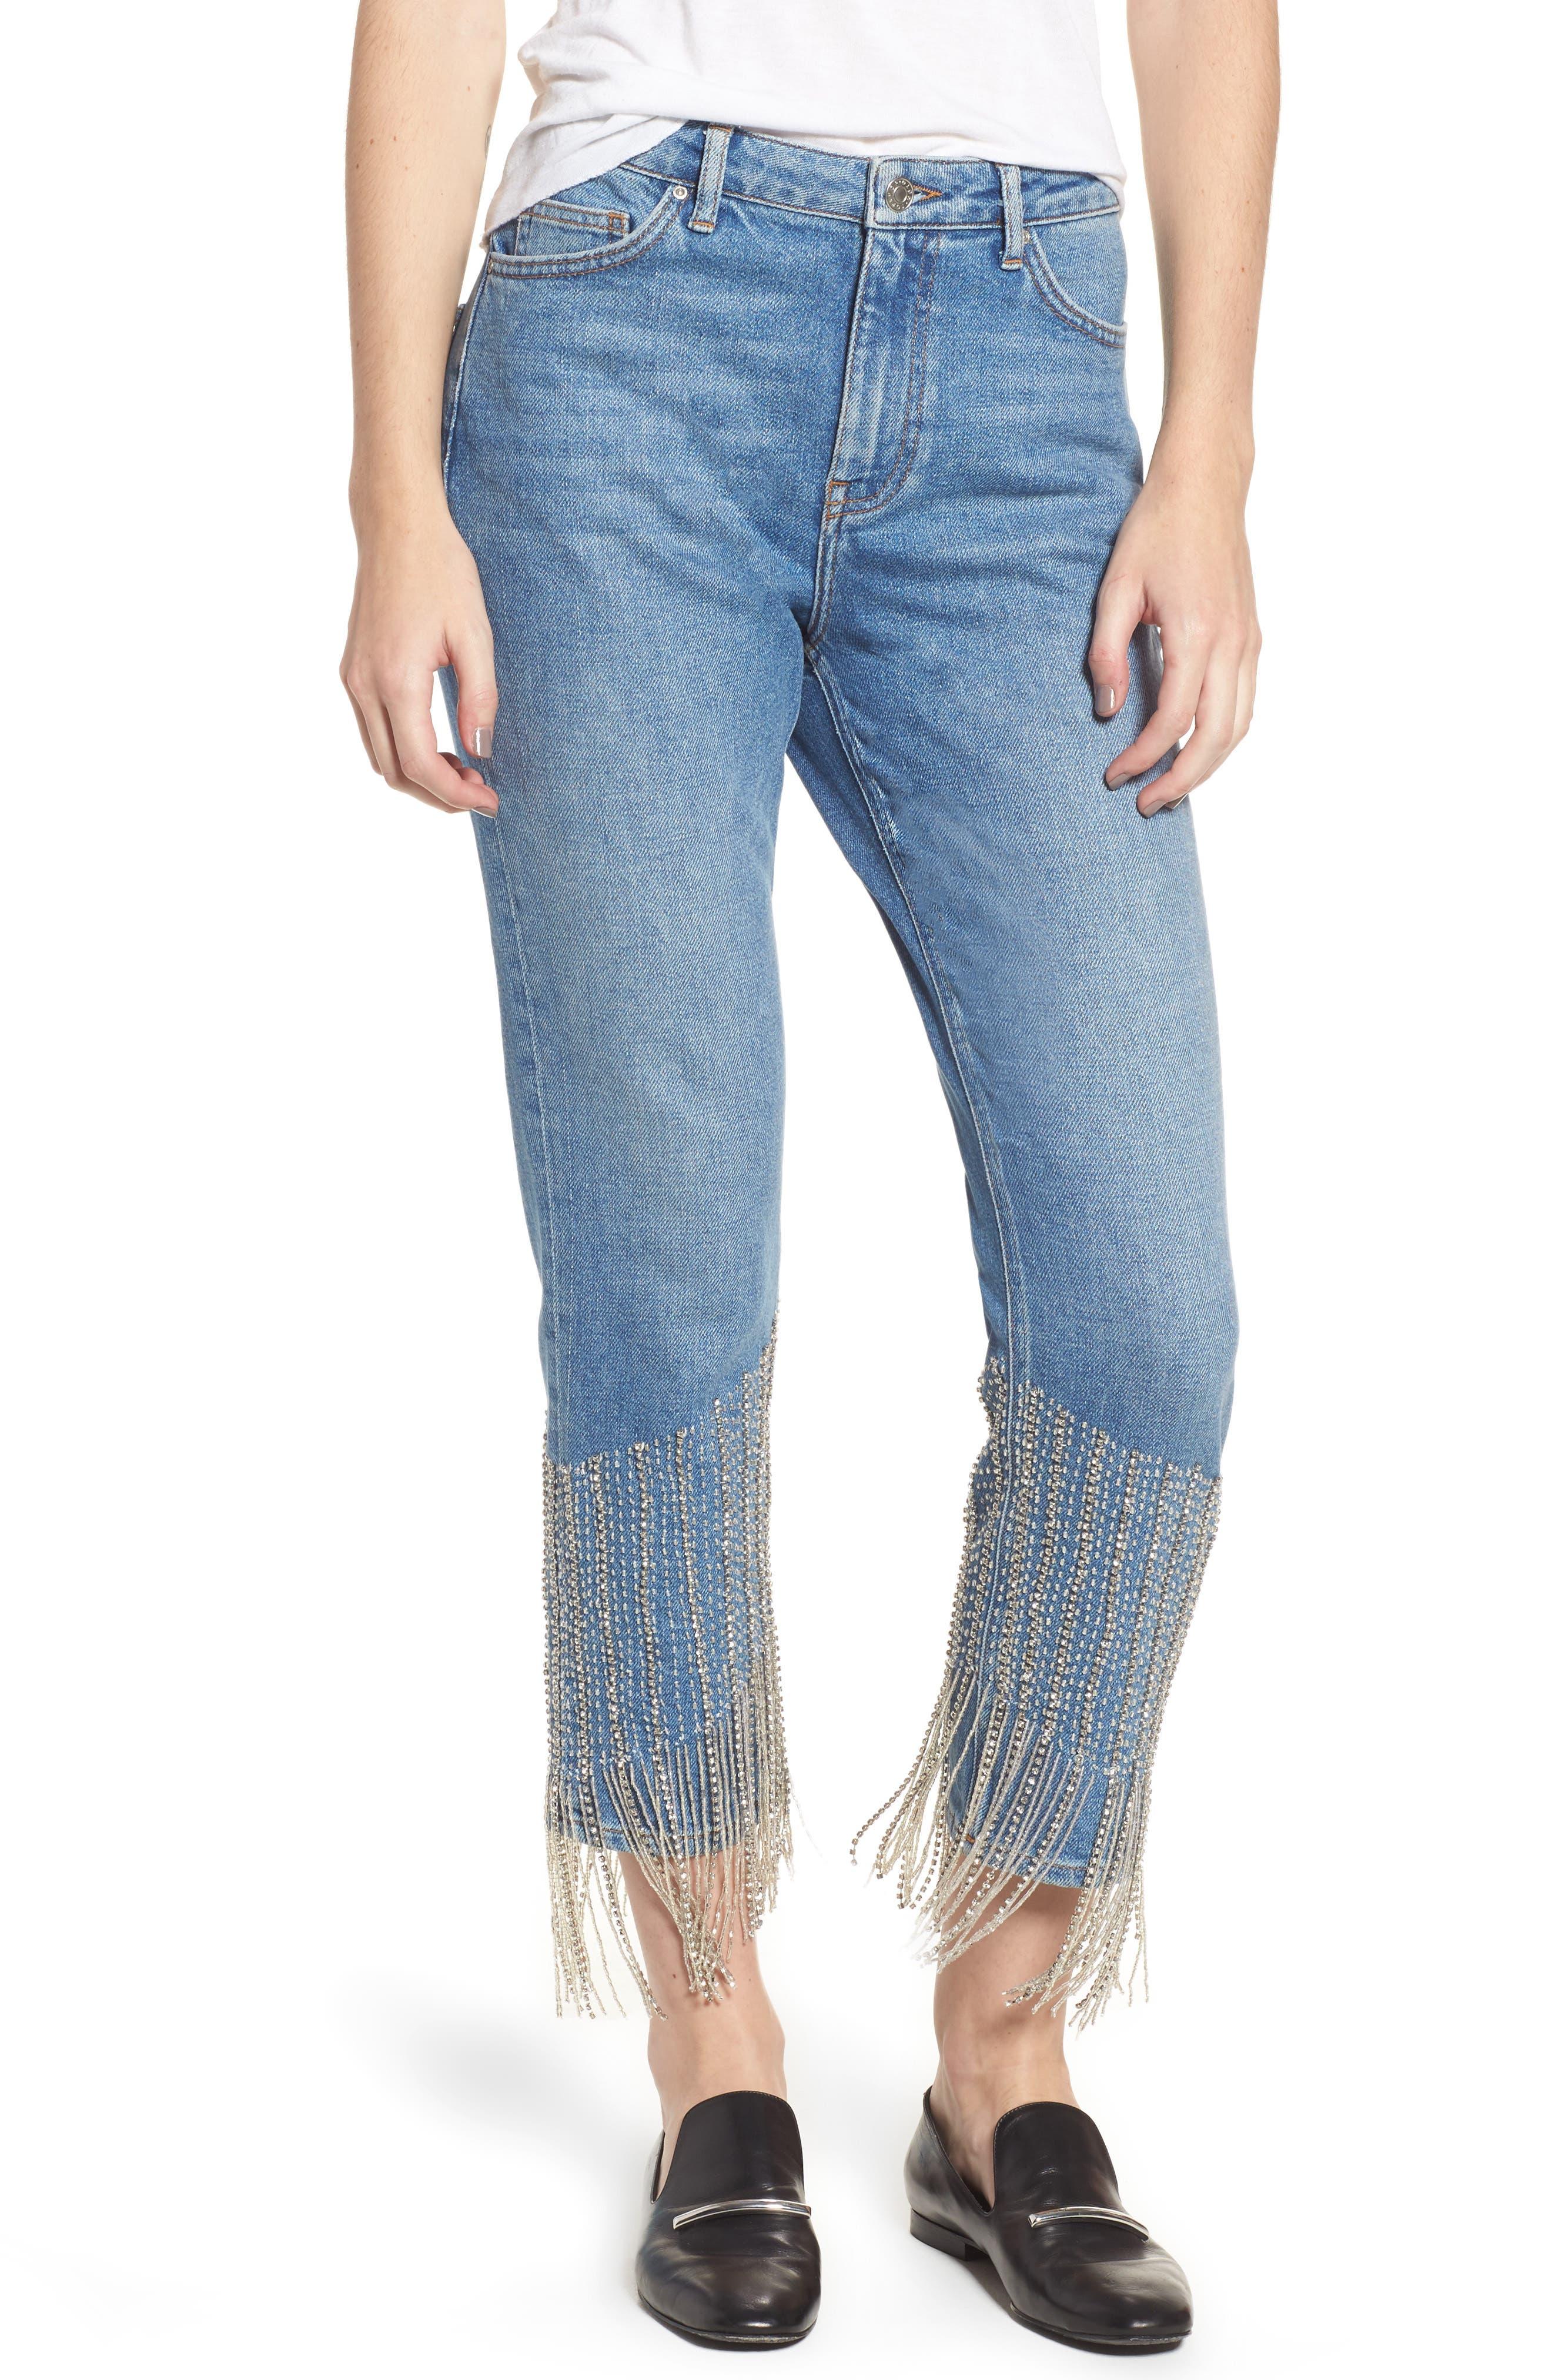 Topshop Crystal Embellished Moto Jeans